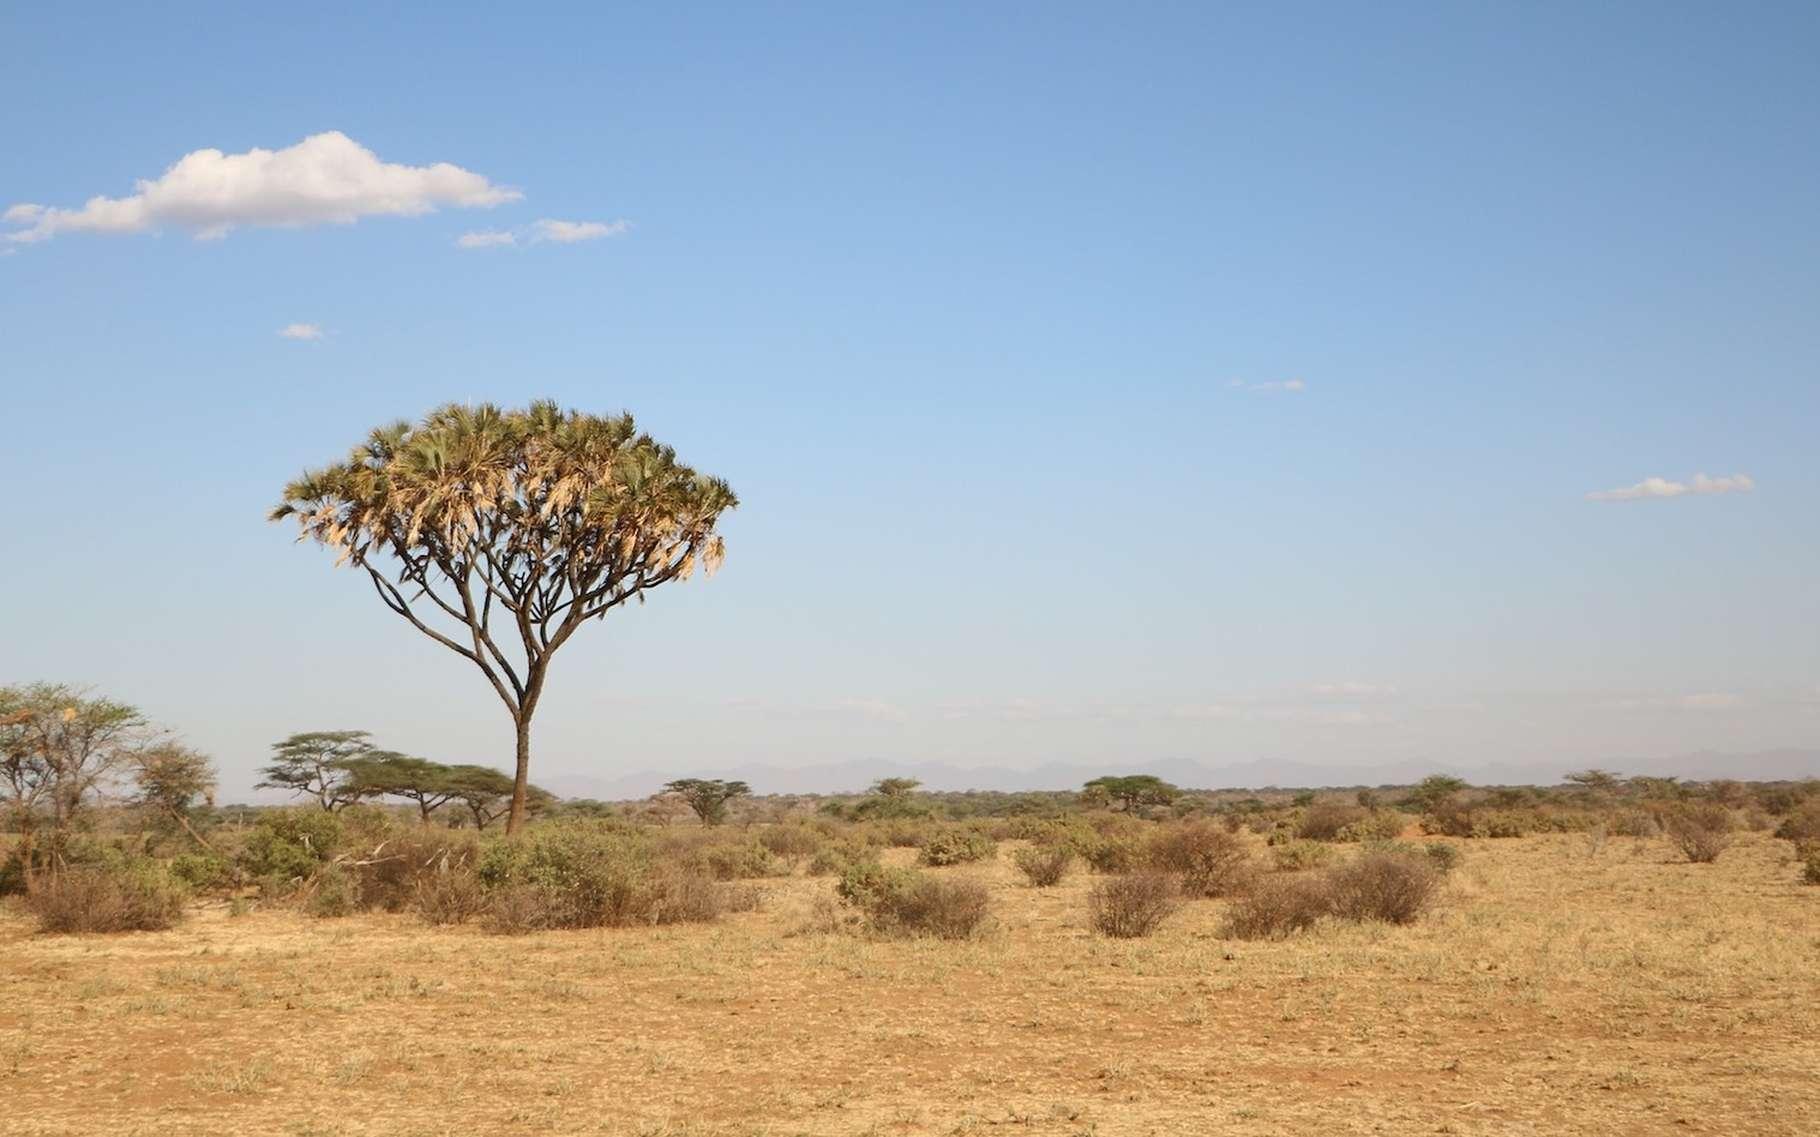 La savane est l'un des paysages typiques du climat tropical. © ronbd, Pixabay, CC0 Creative Commons